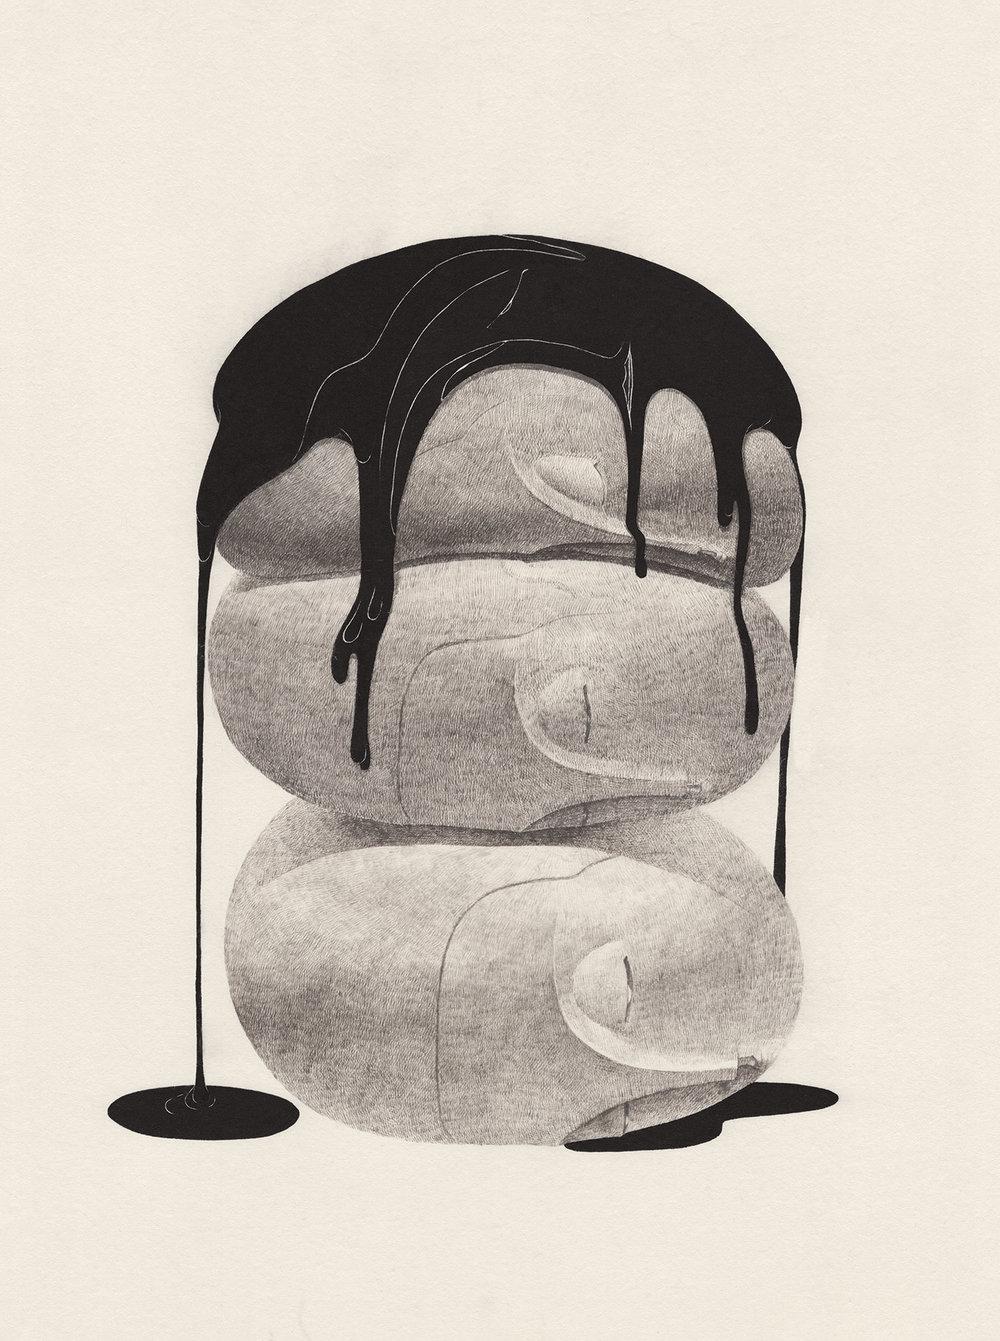 생각의 경도 / The hardness of thought Op.0180P -42 x 68 cm,한지에 먹 / Korean ink on Korean paper, 2017